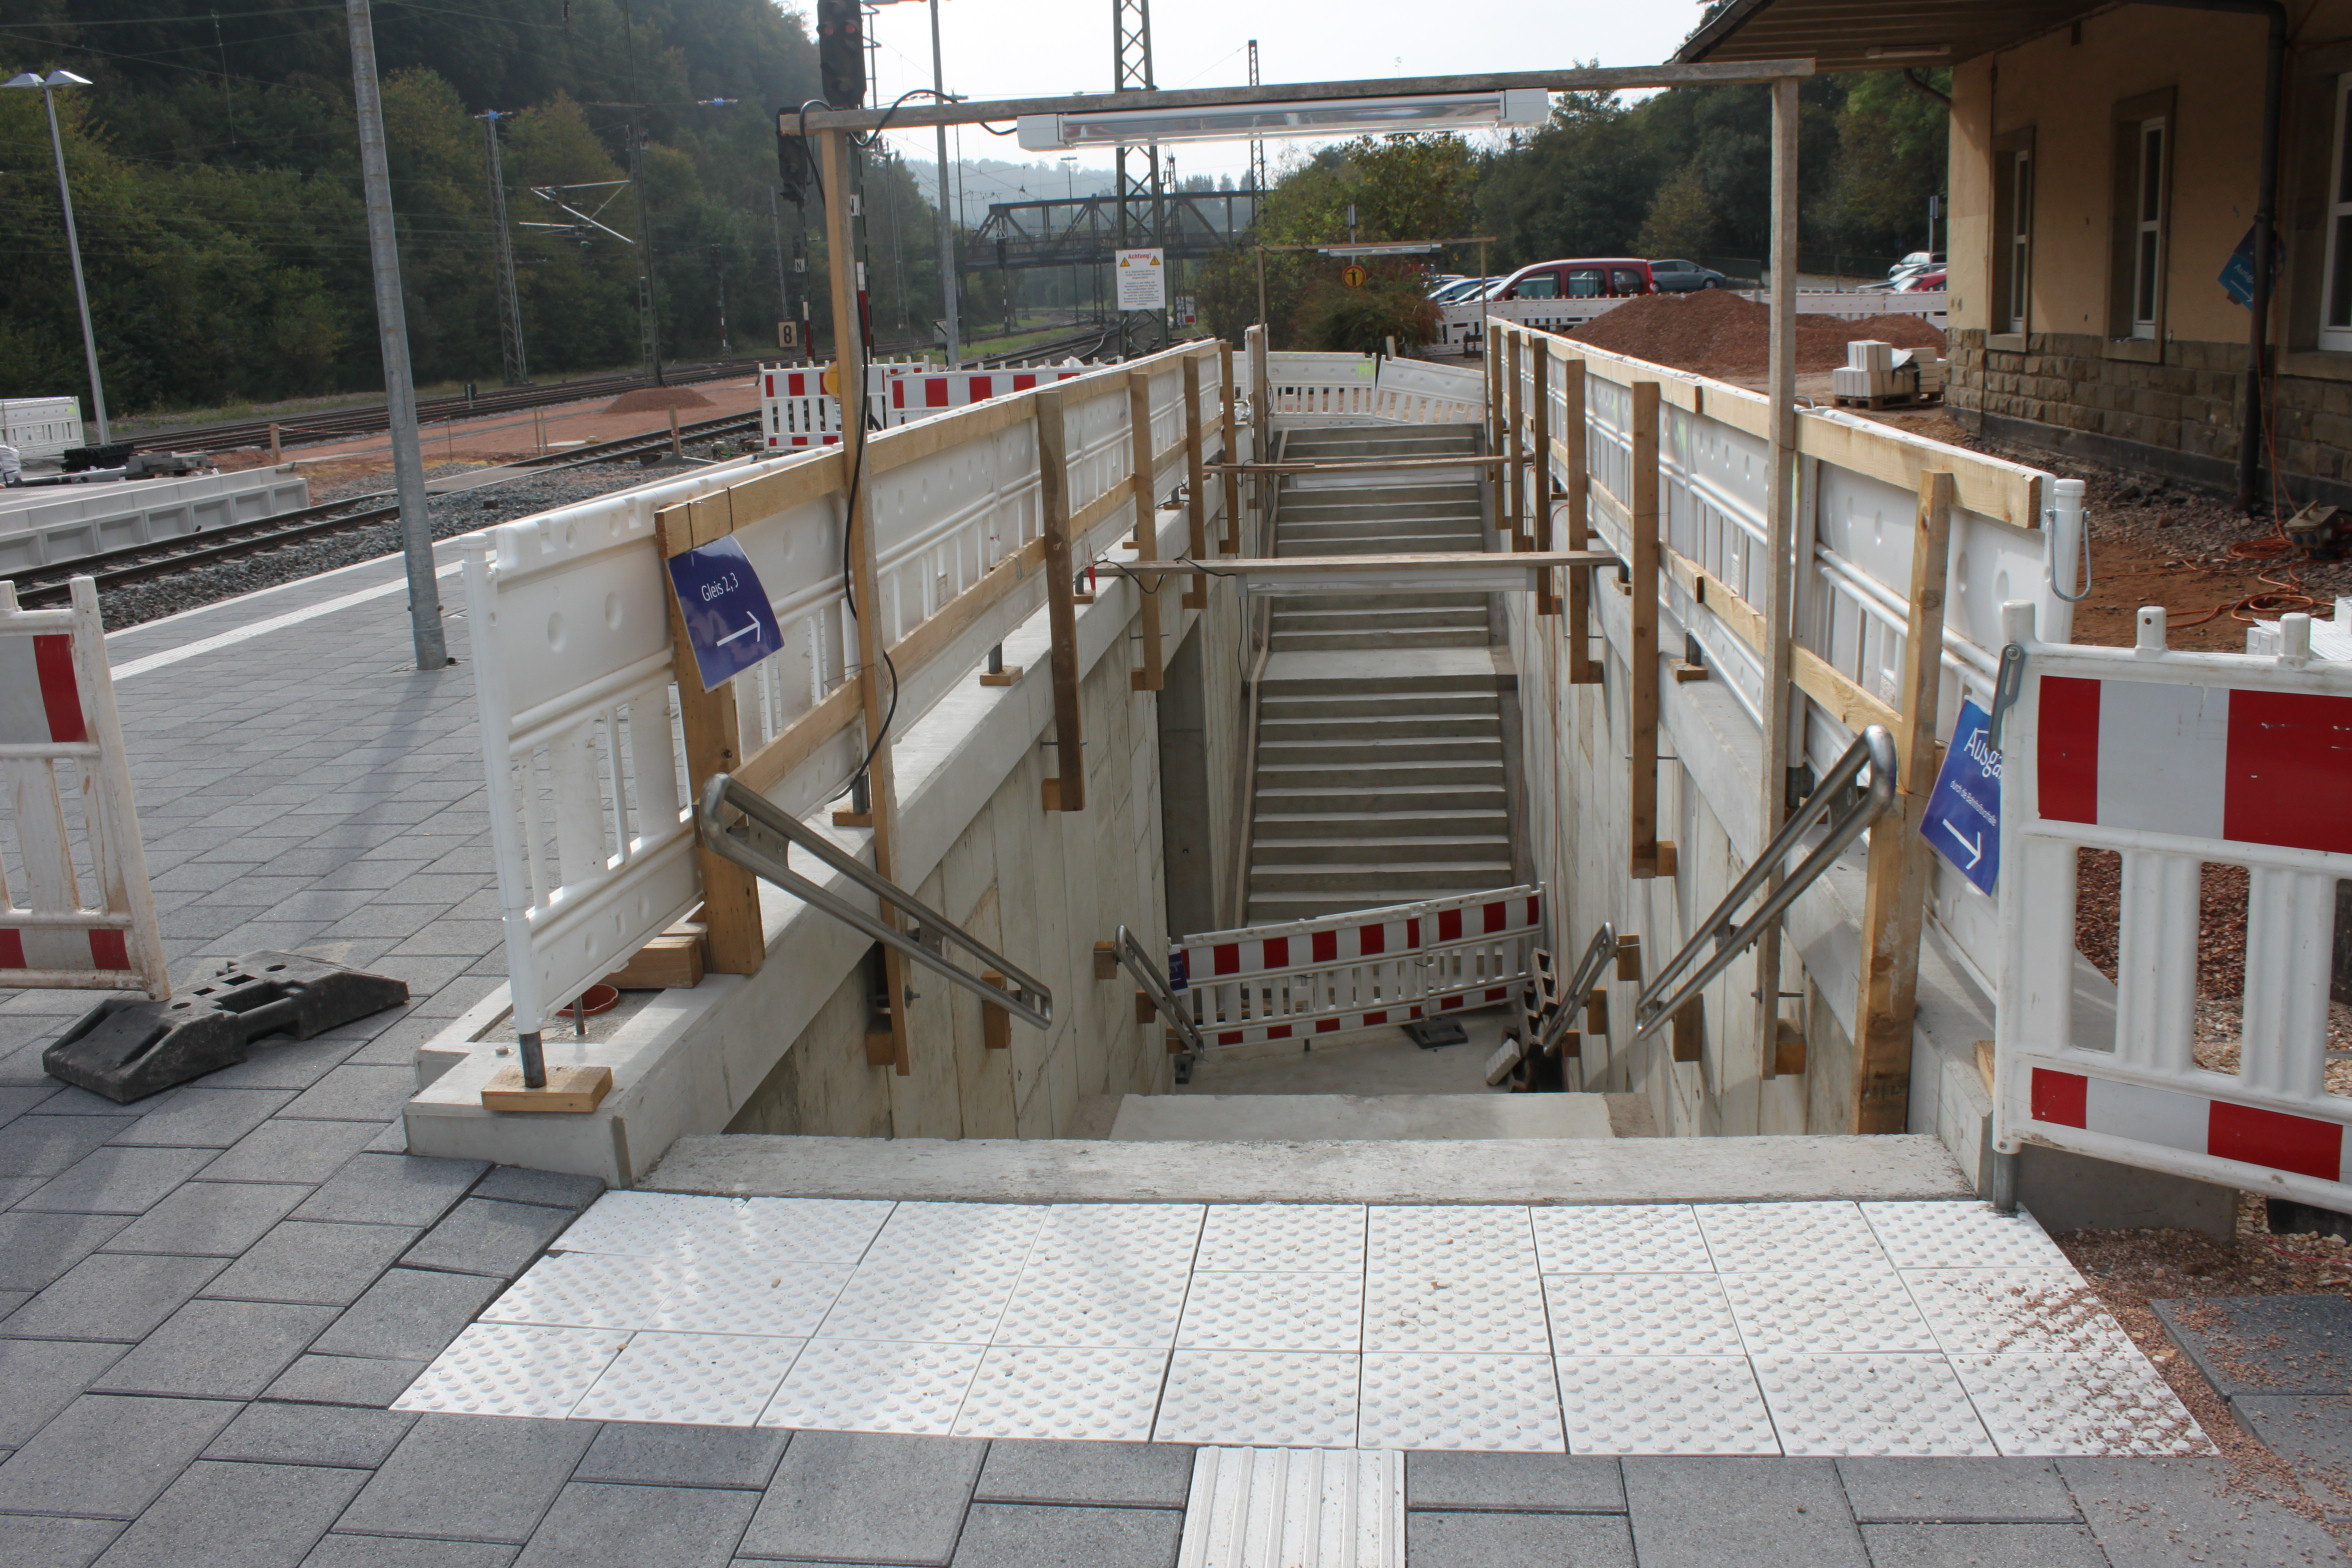 Unterfhrung-Bahnhof-Trkismhle.JPG